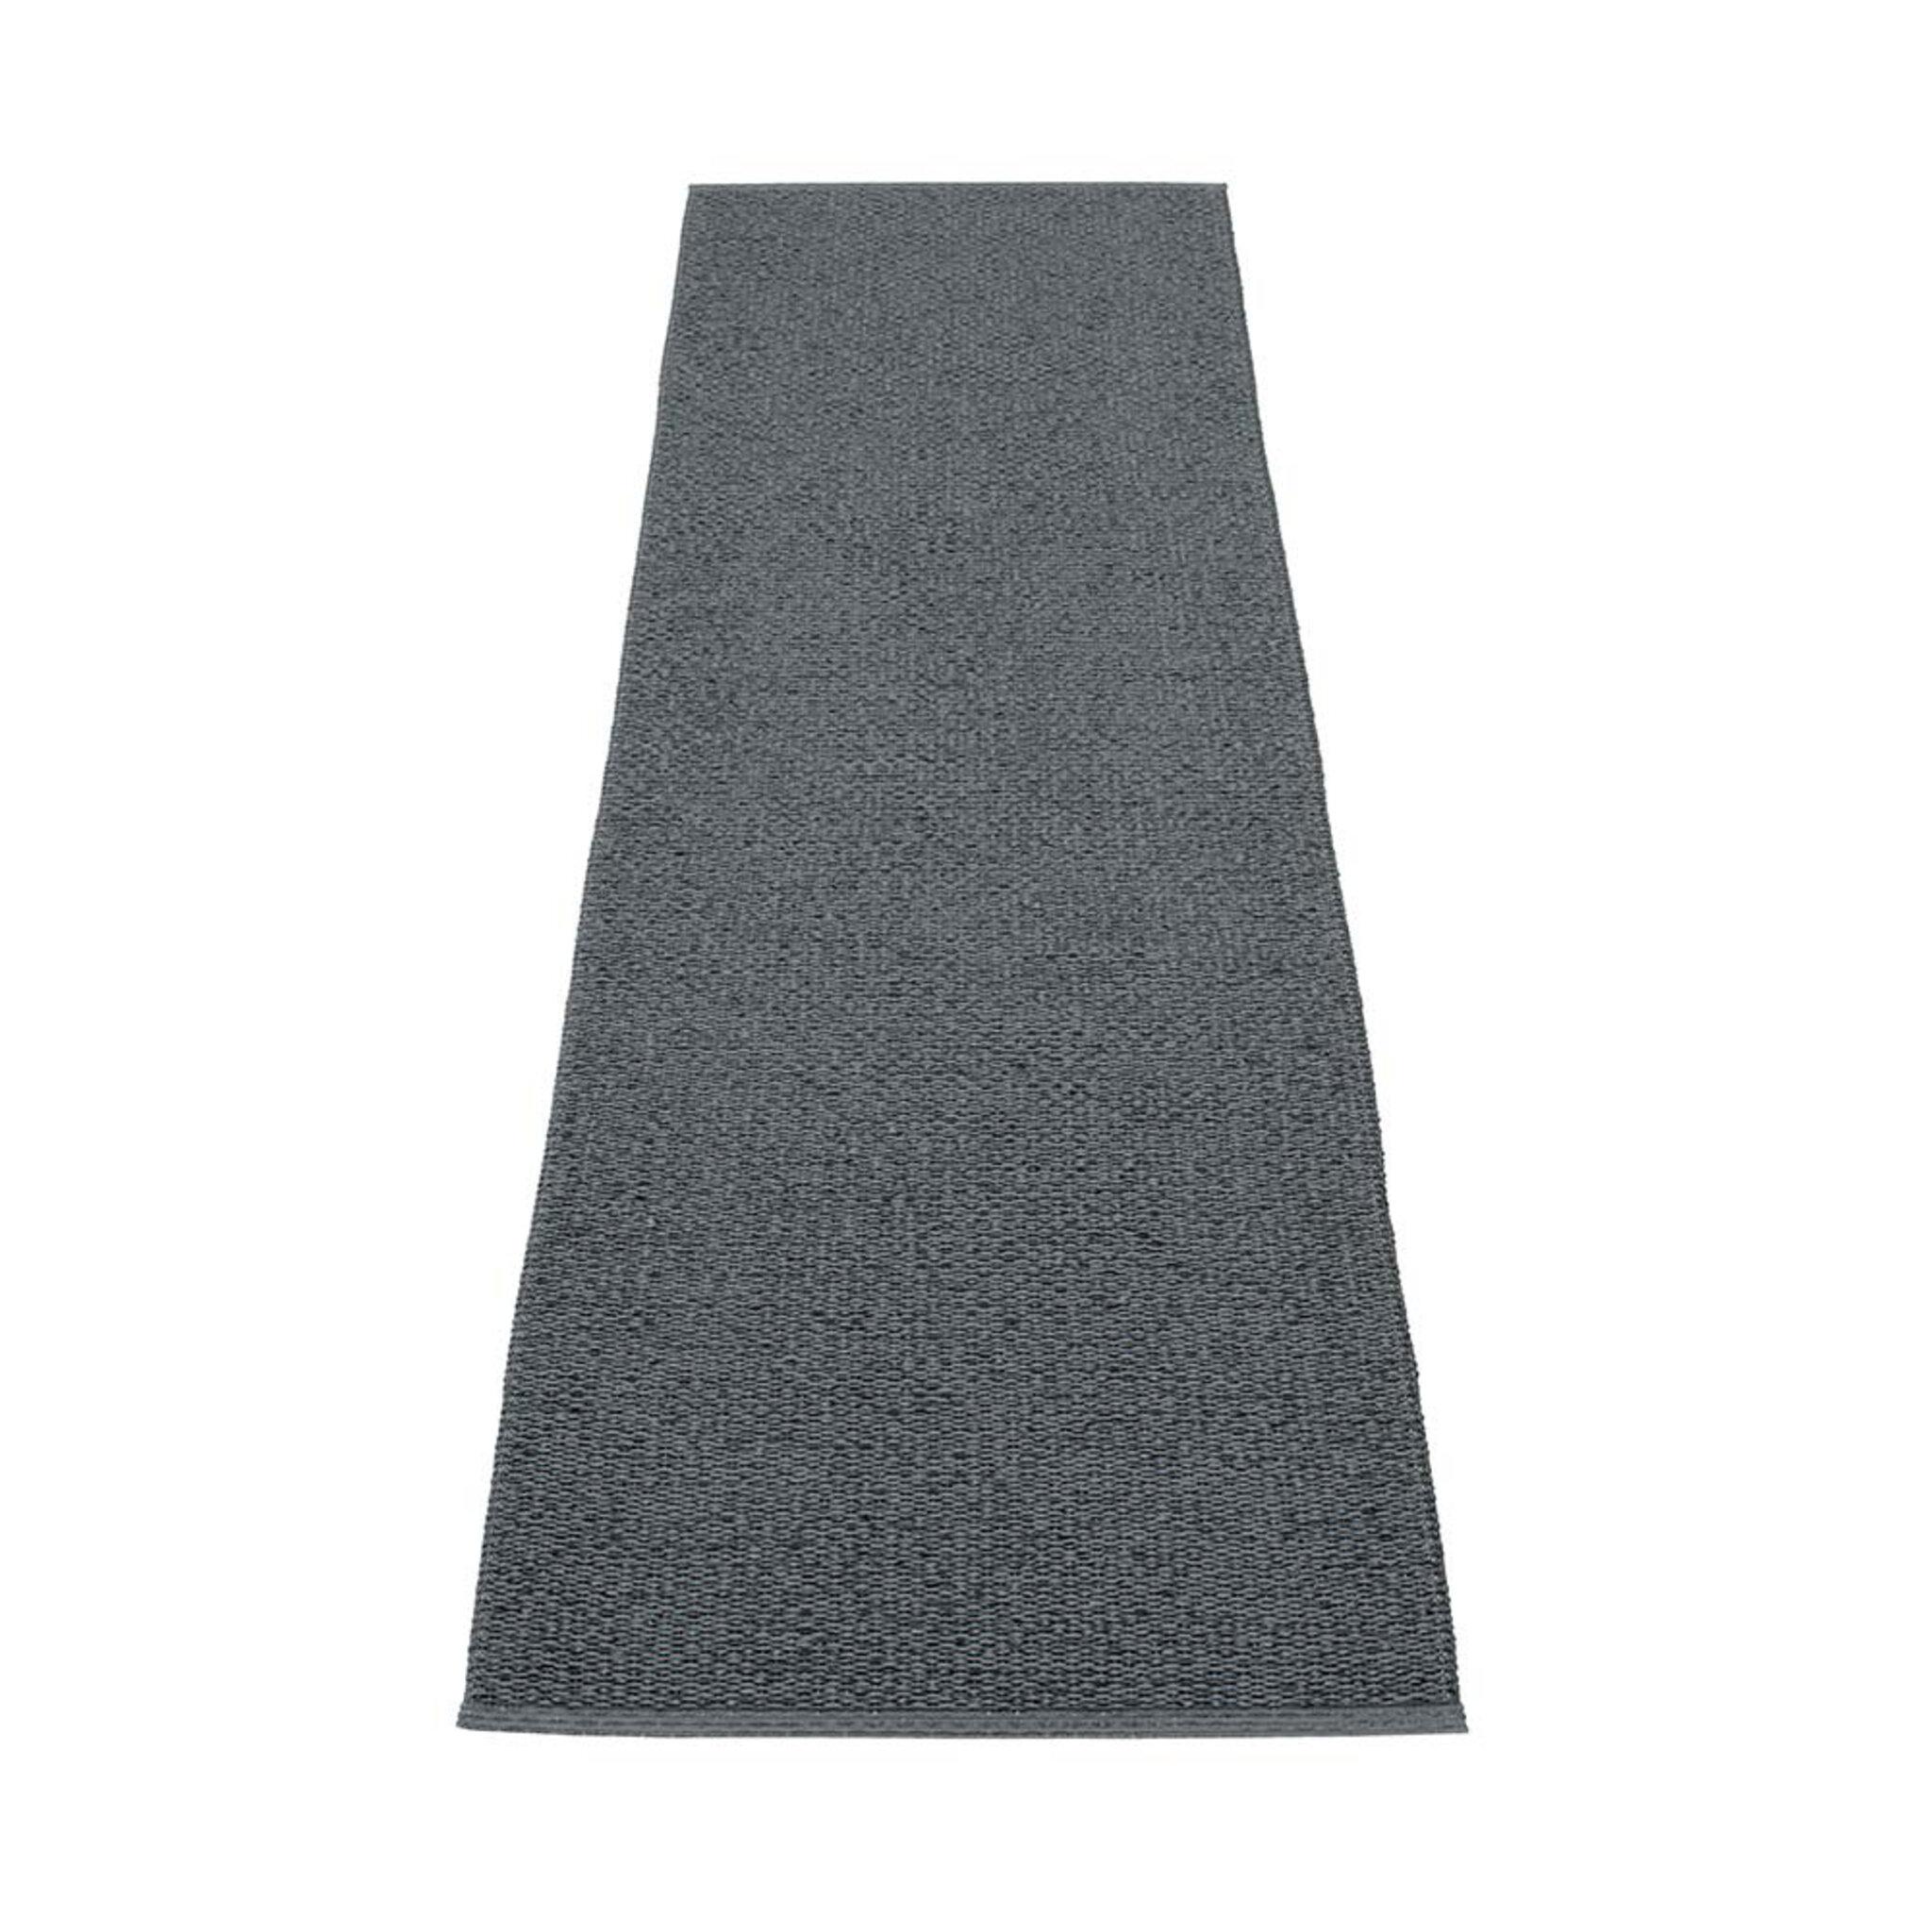 Matta Svea, 70x240 cm, Granite, 70X240, granite